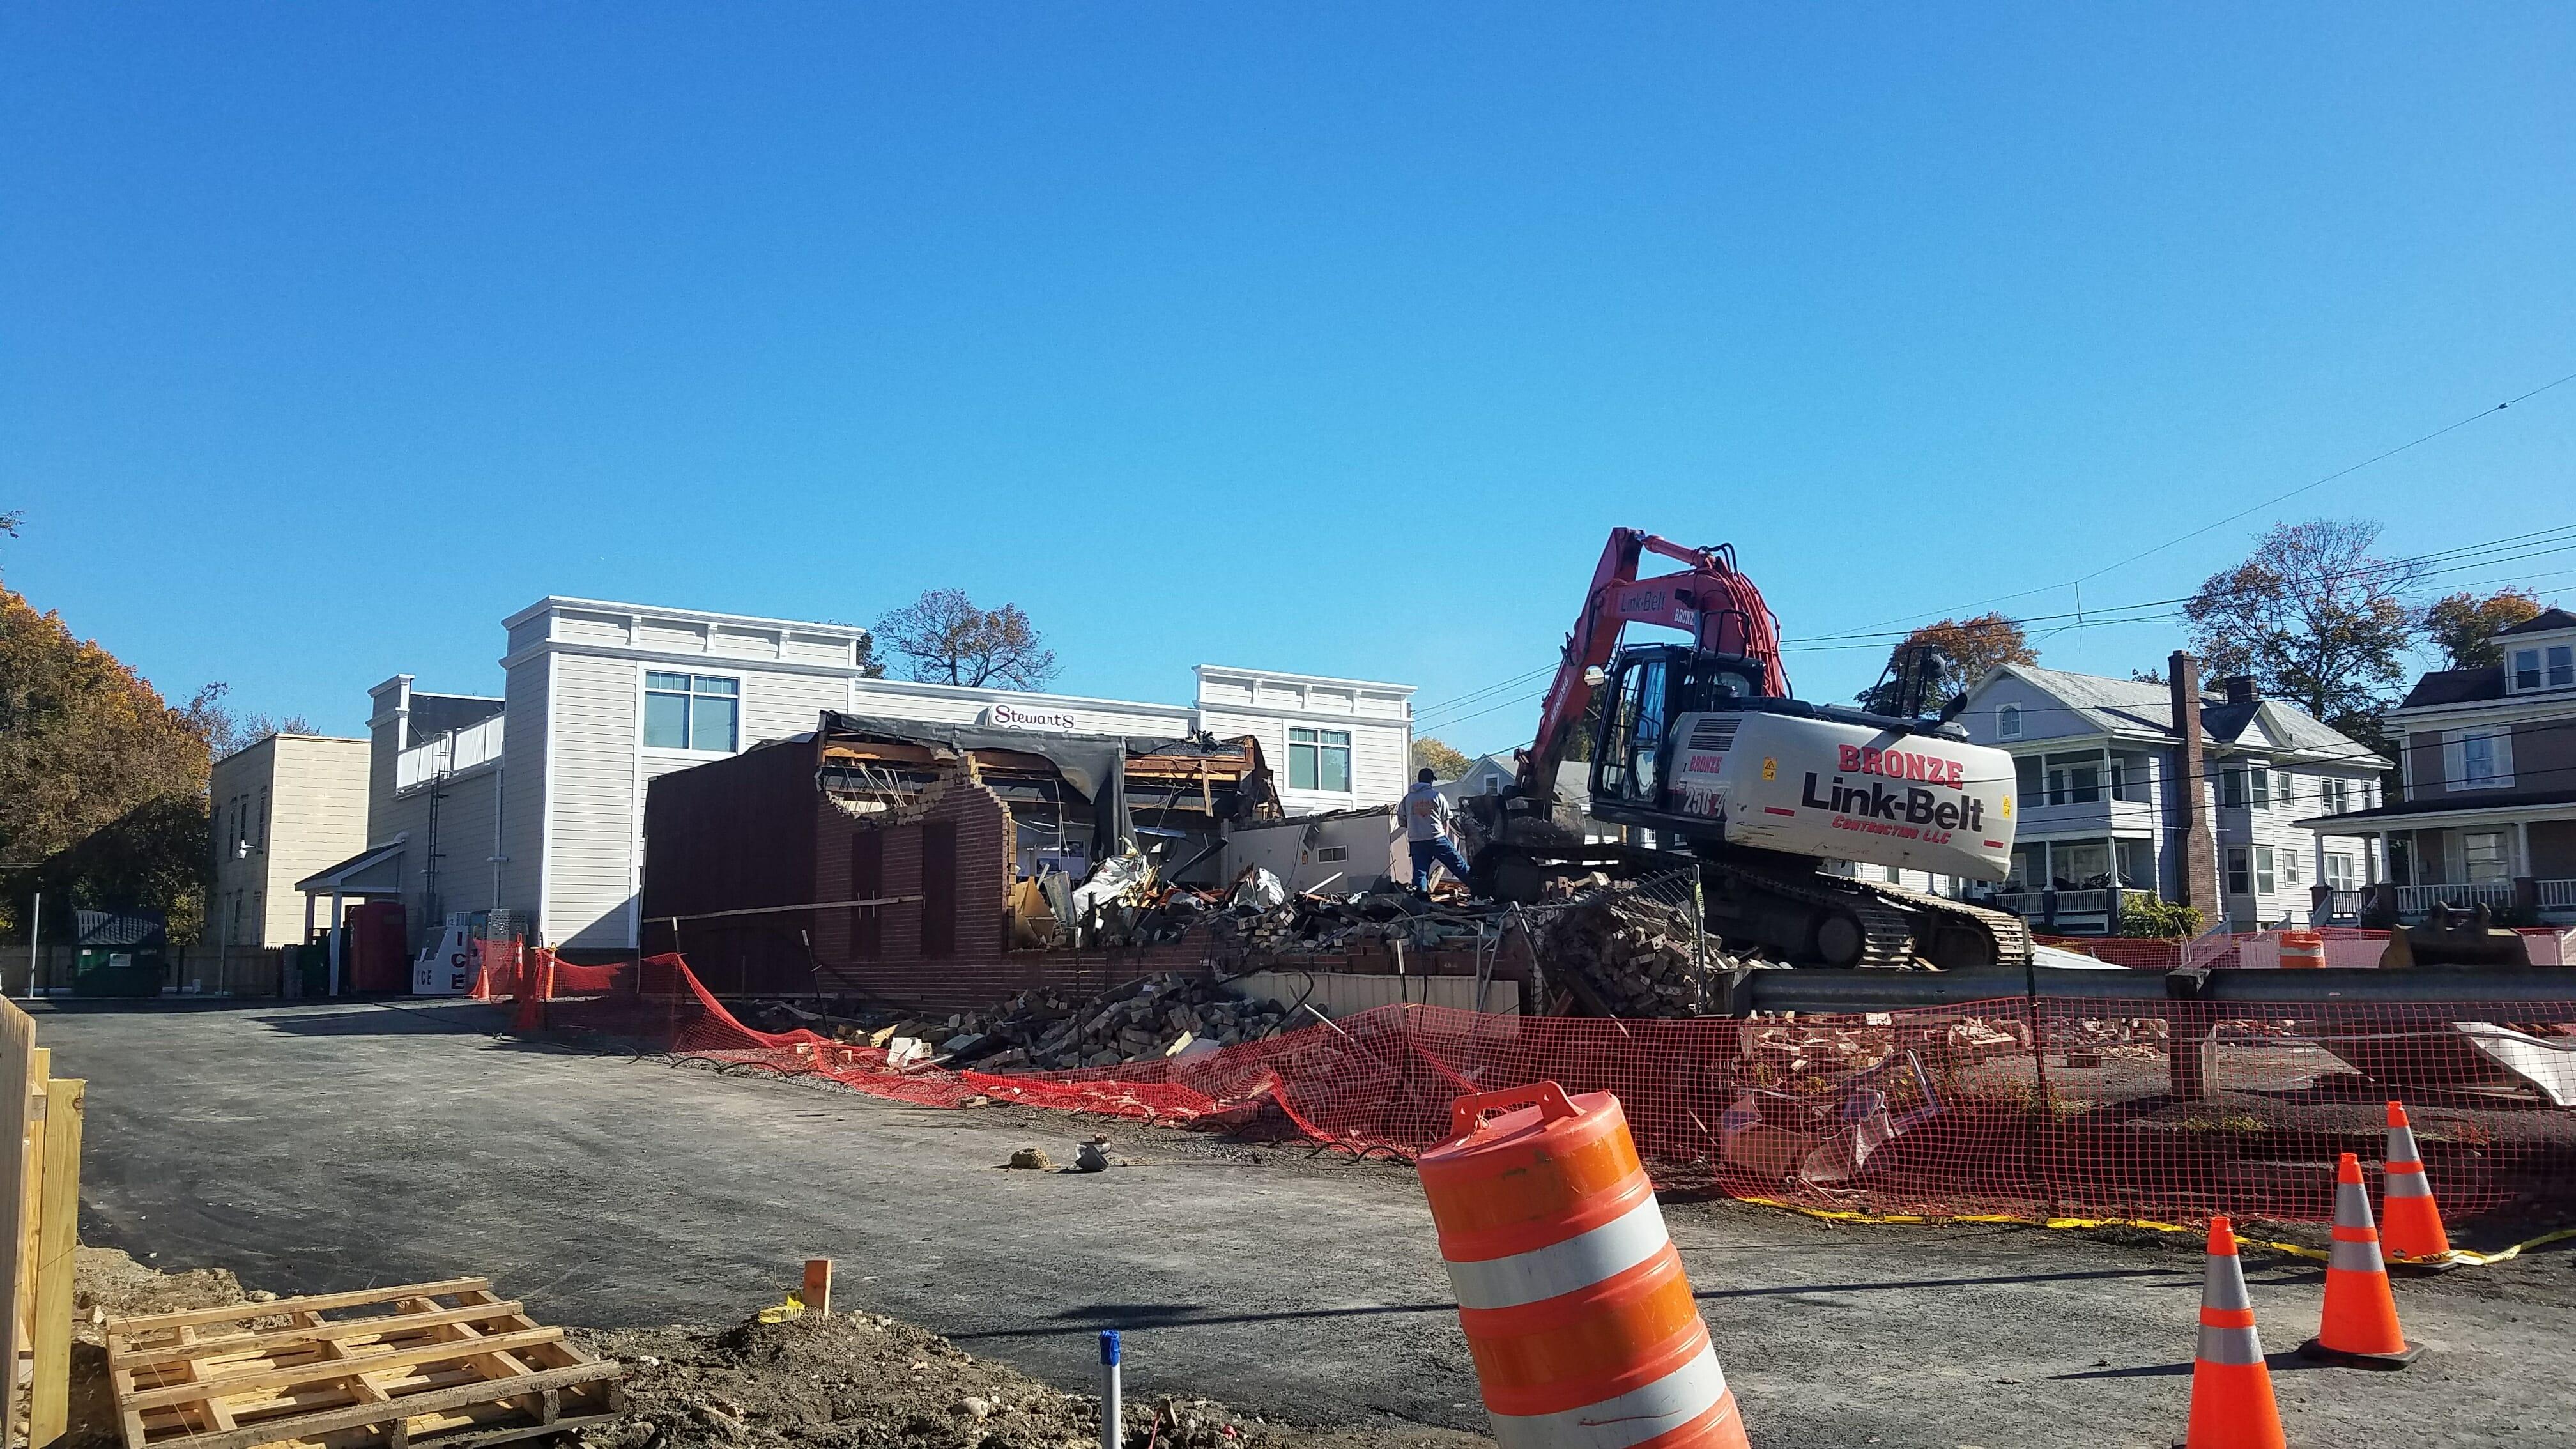 old shop being demolished